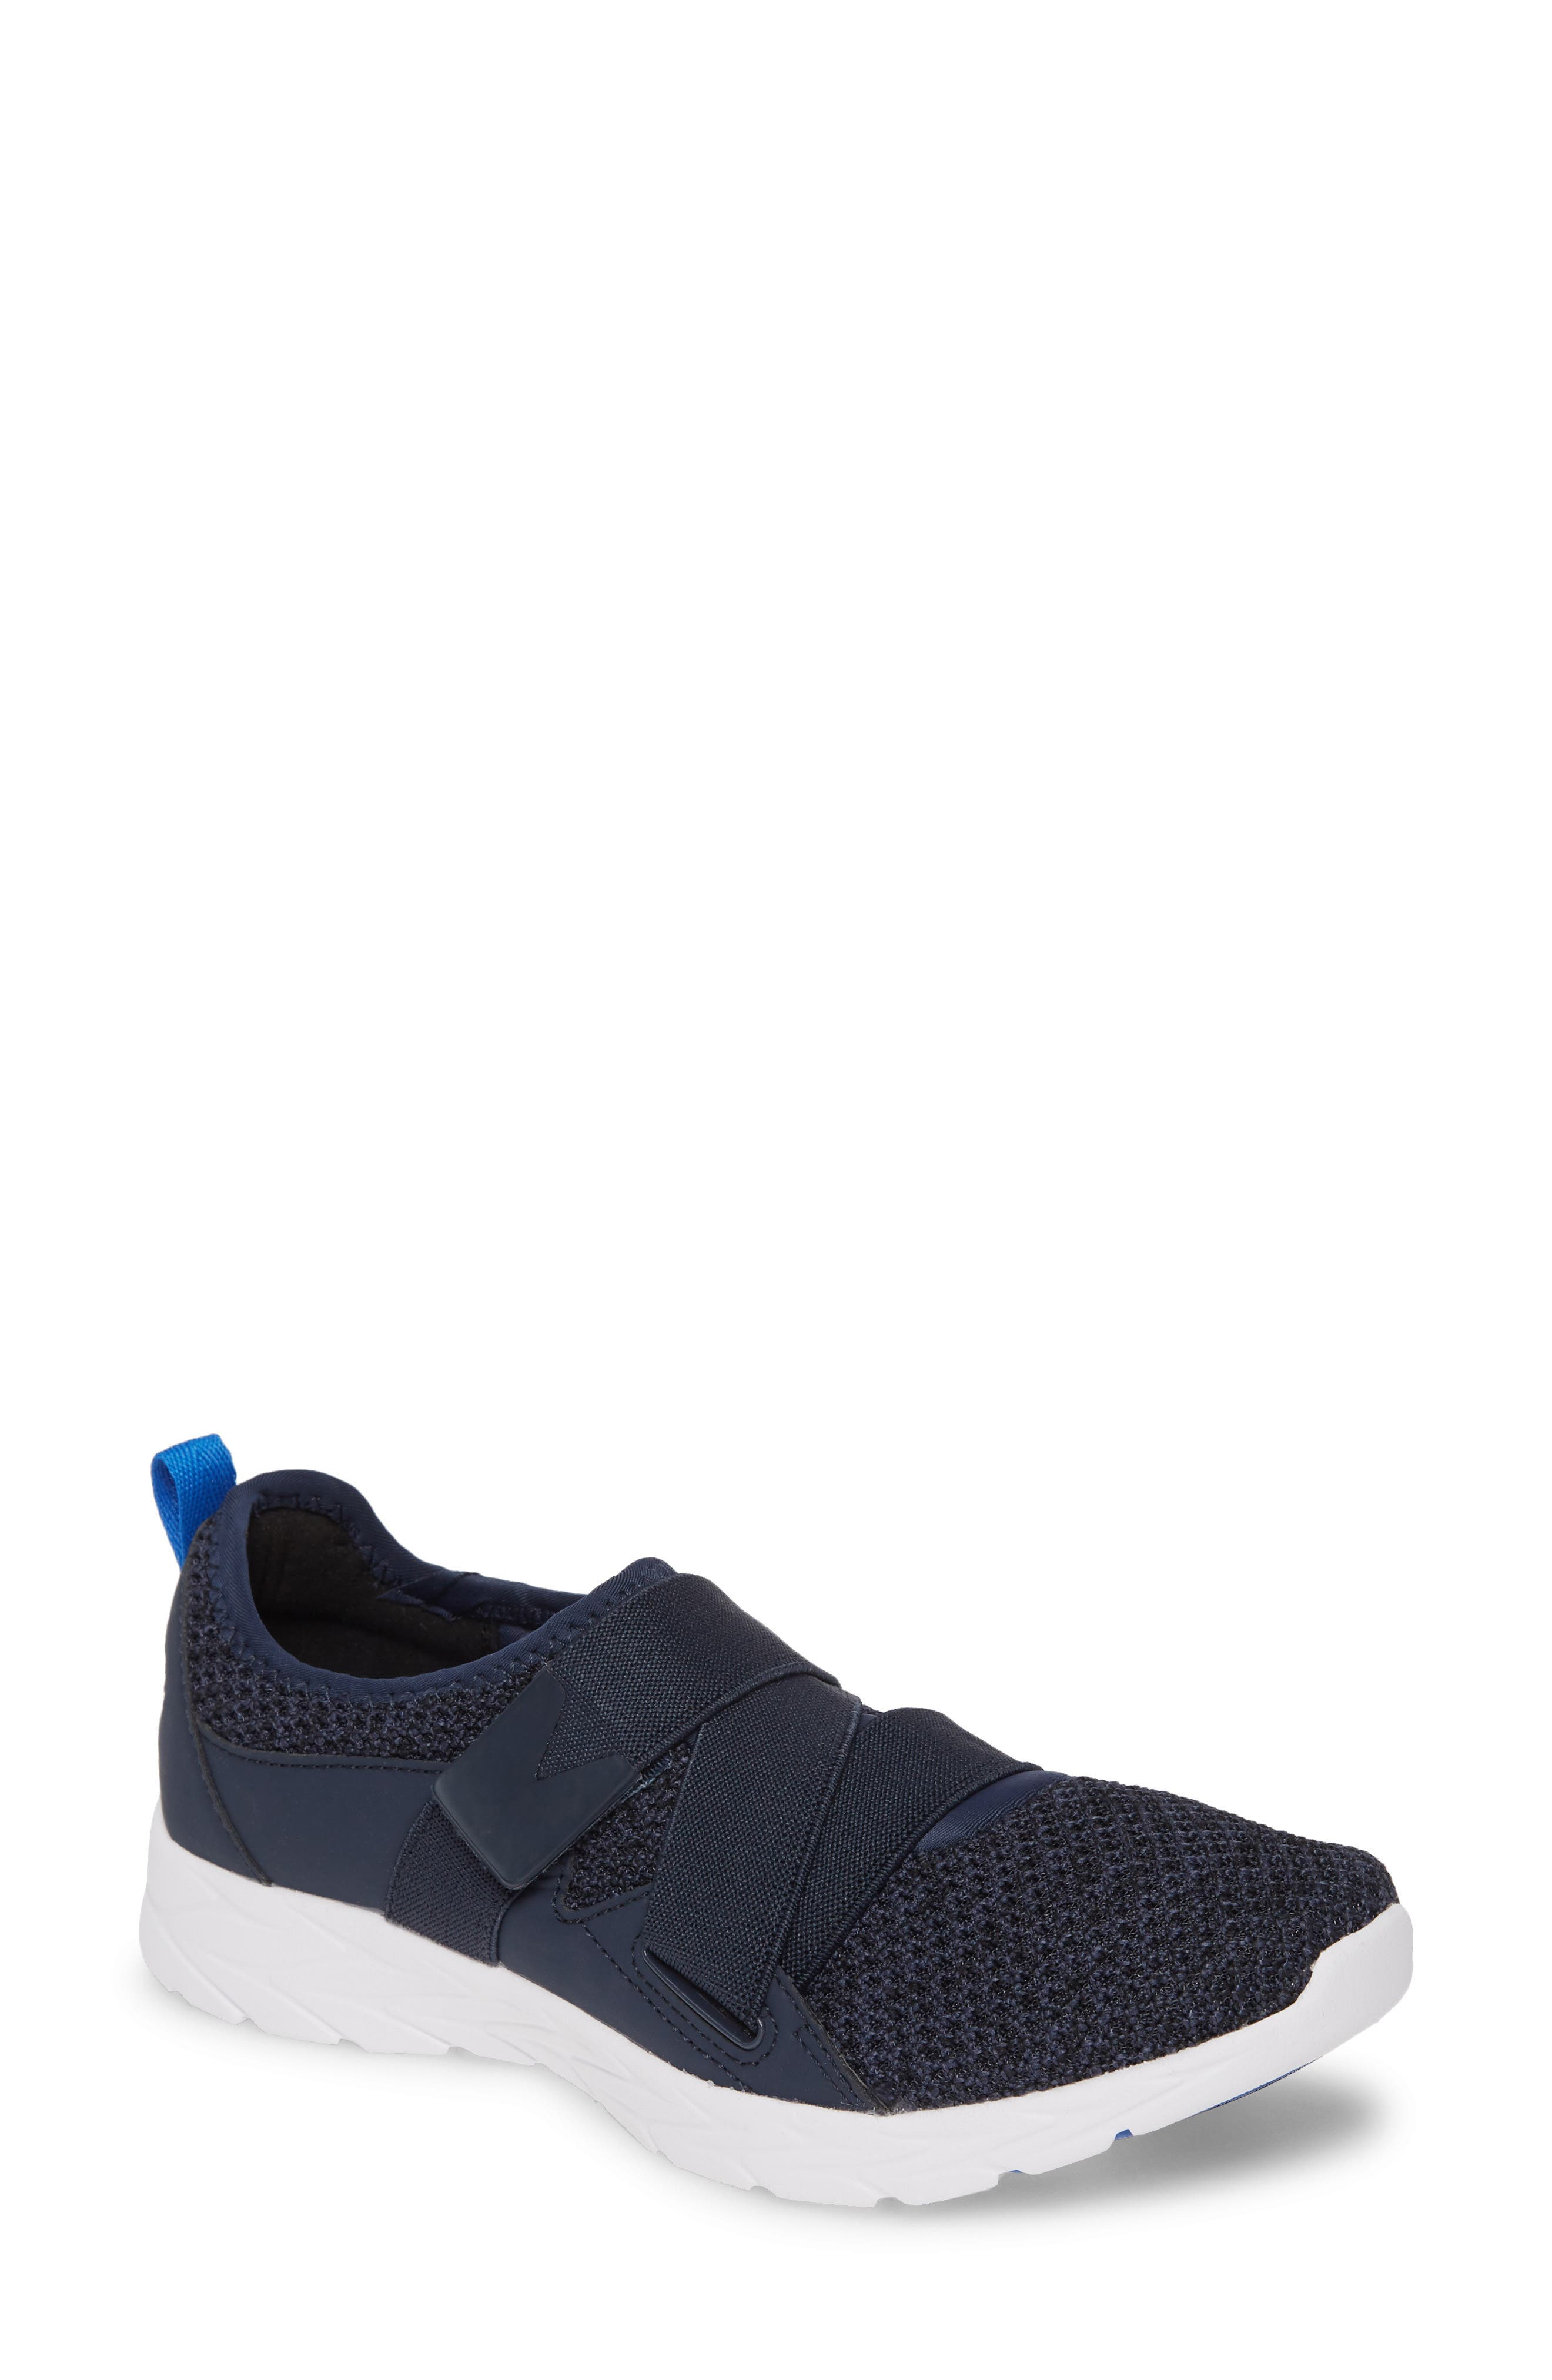 Vionic Aimmy Sneaker- Blue